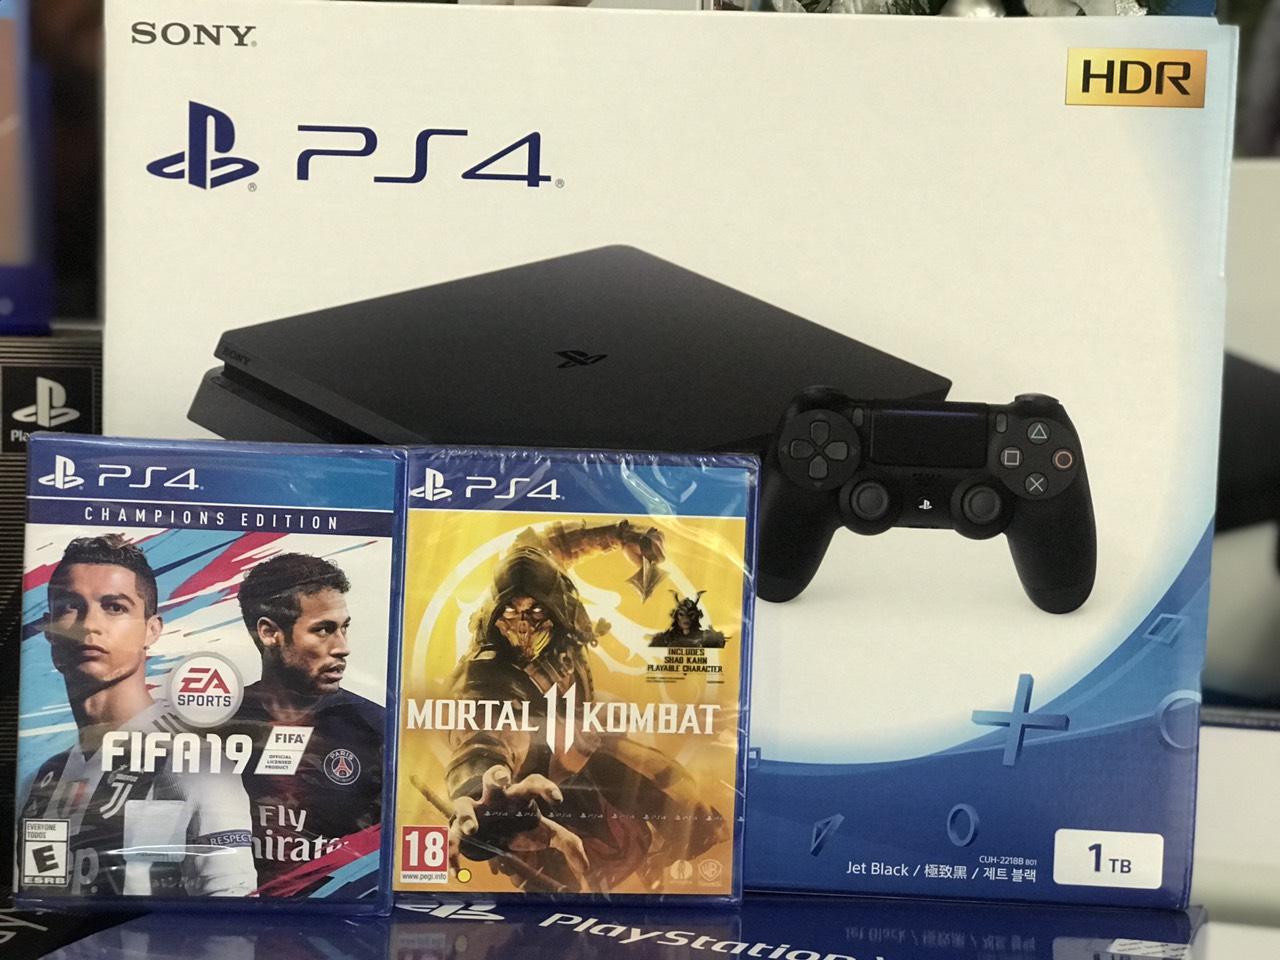 Máy PS4 Slim 1TB + FiFa 19 Champions + Mortal Kombat 11